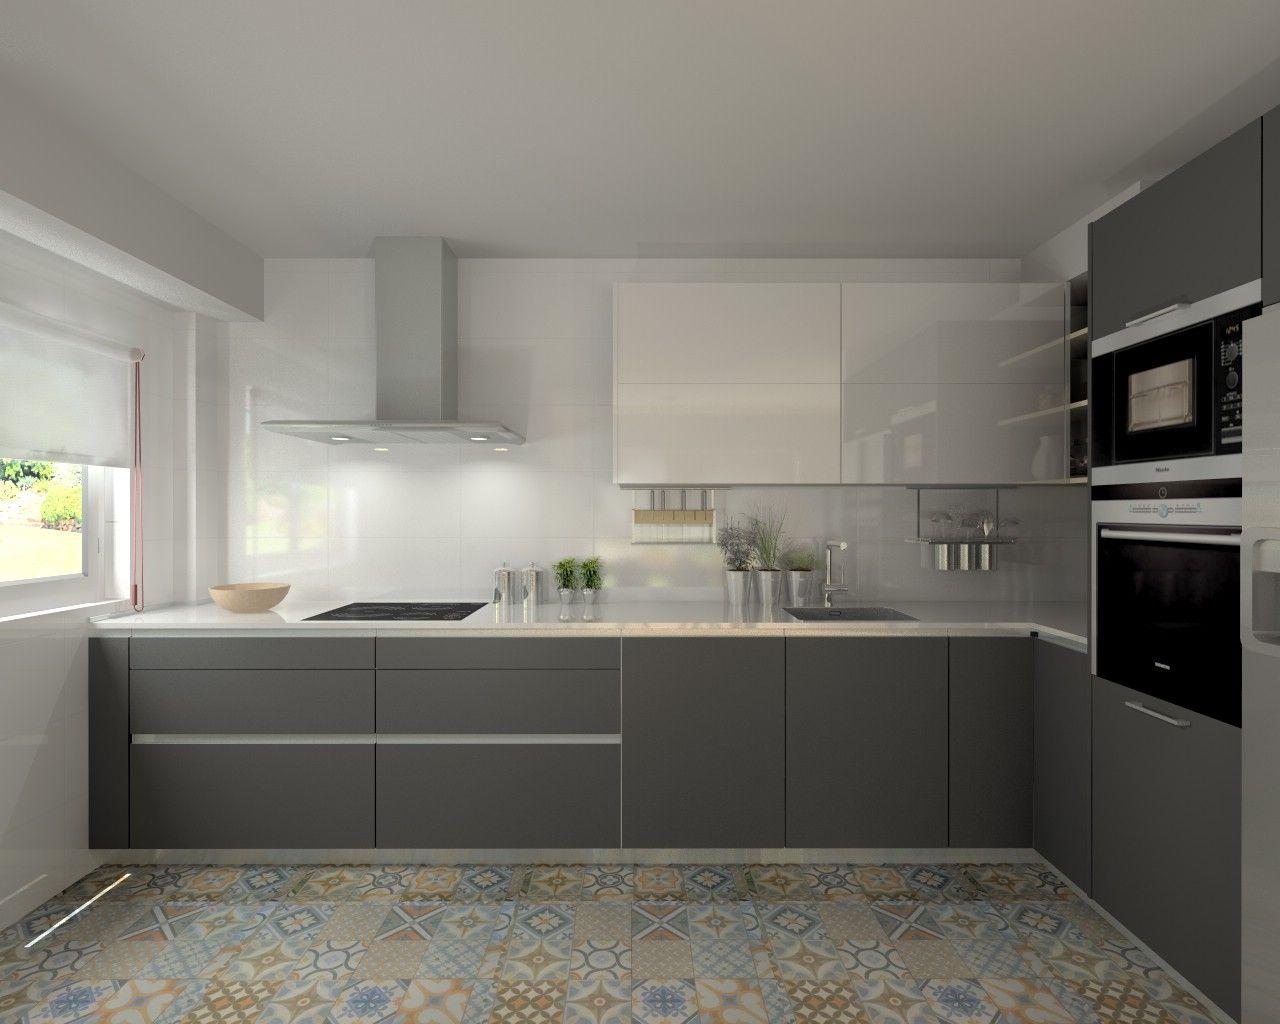 Cocina santos modelo line e gris y line l blanco con for Modelos de cocinas en l